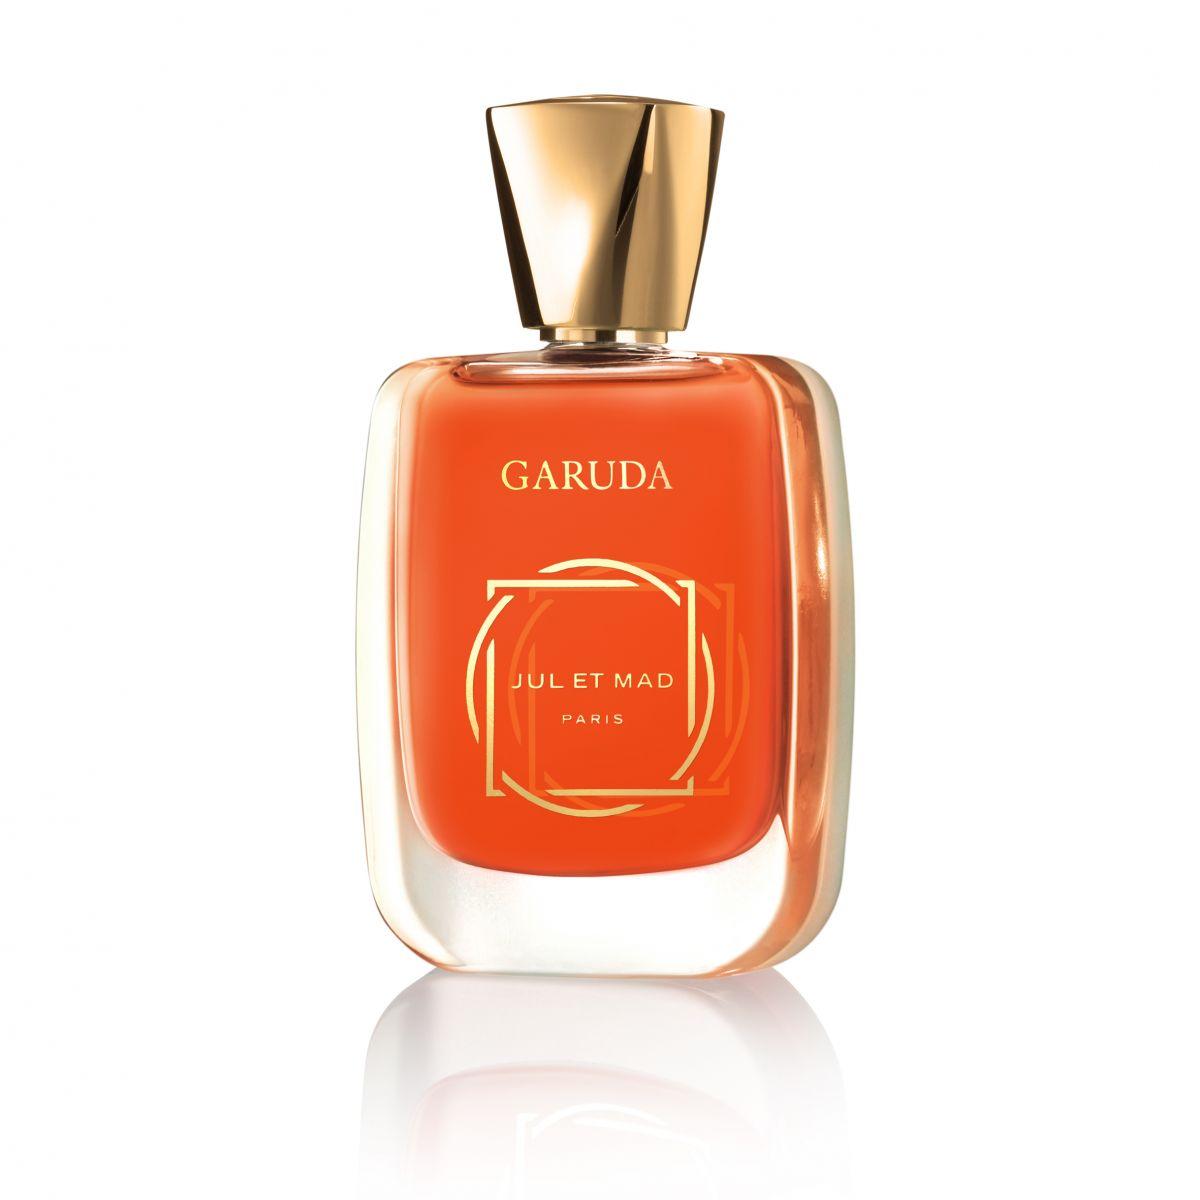 Чем пахнут ароматы дома высокой парфюмерии Jul et Mad Paris